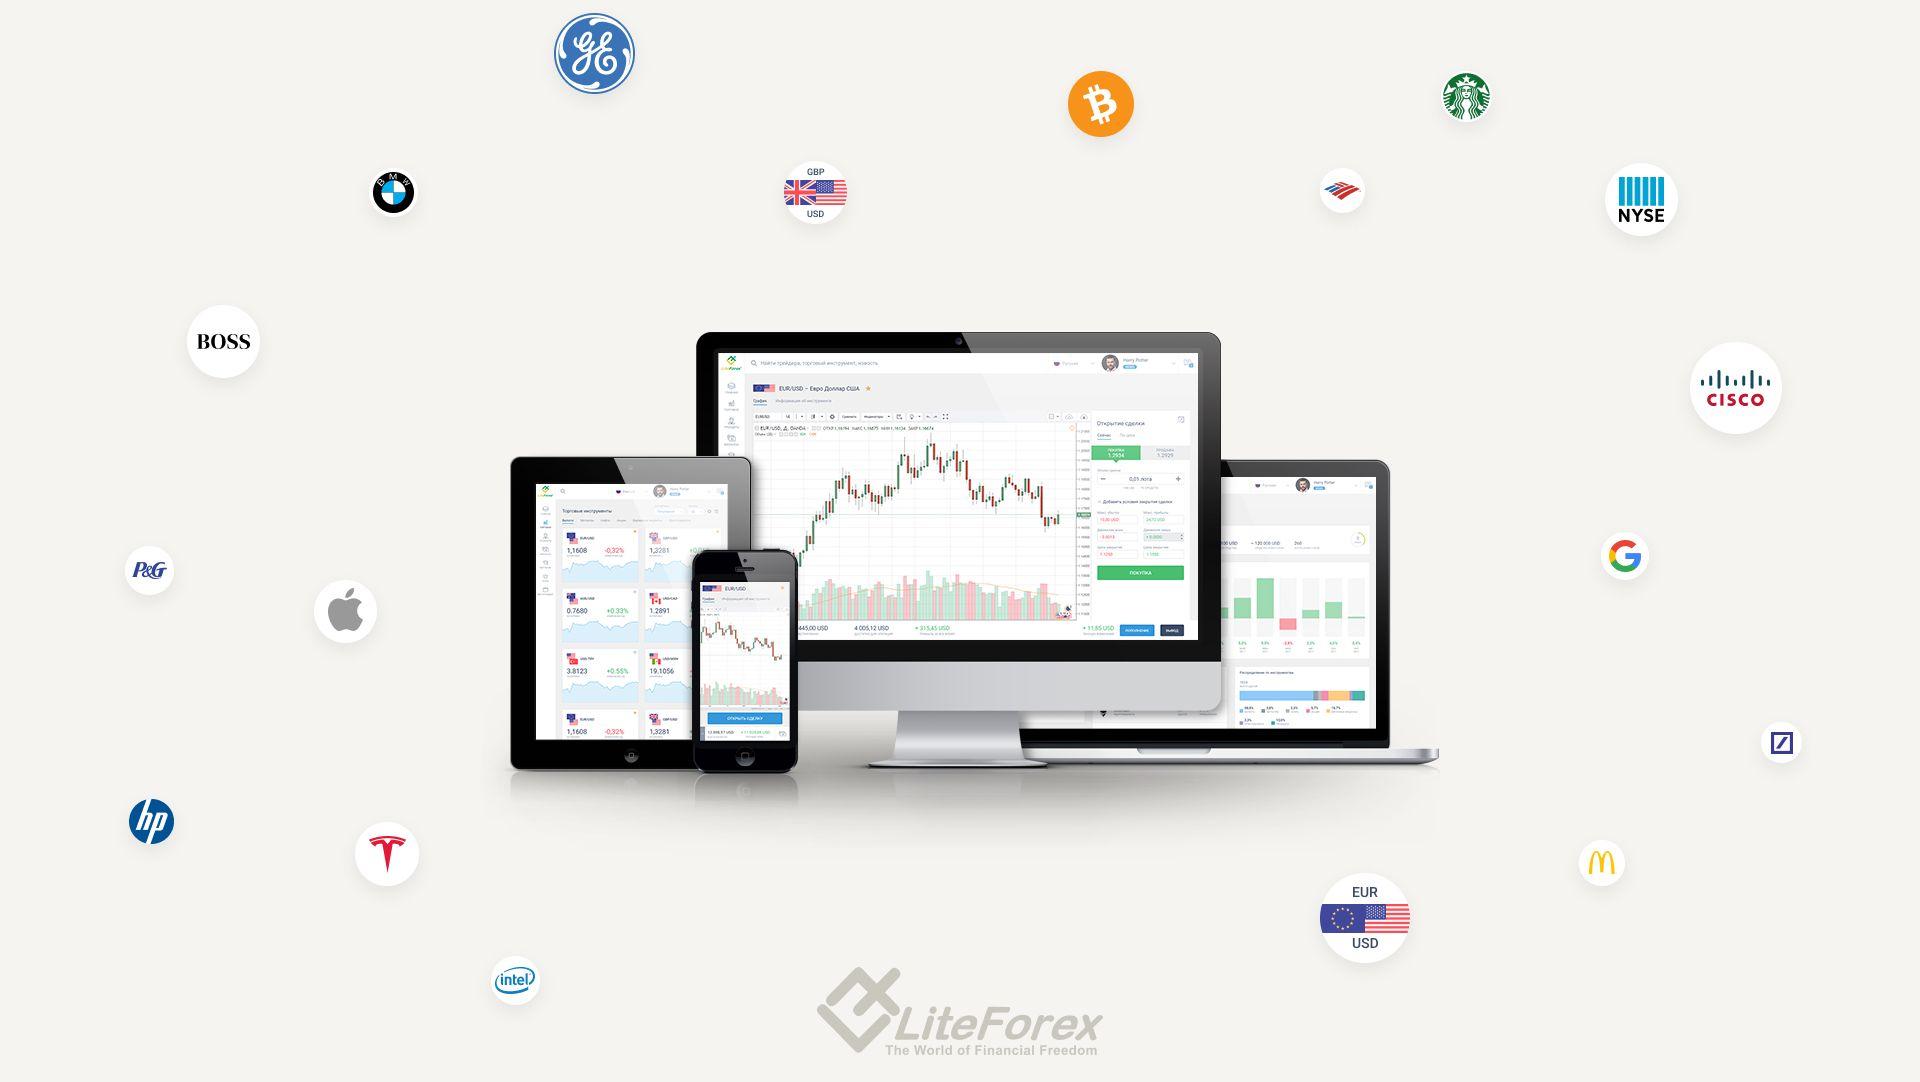 Neuer LiteForex-Kundenbereich jetzt verfügbar